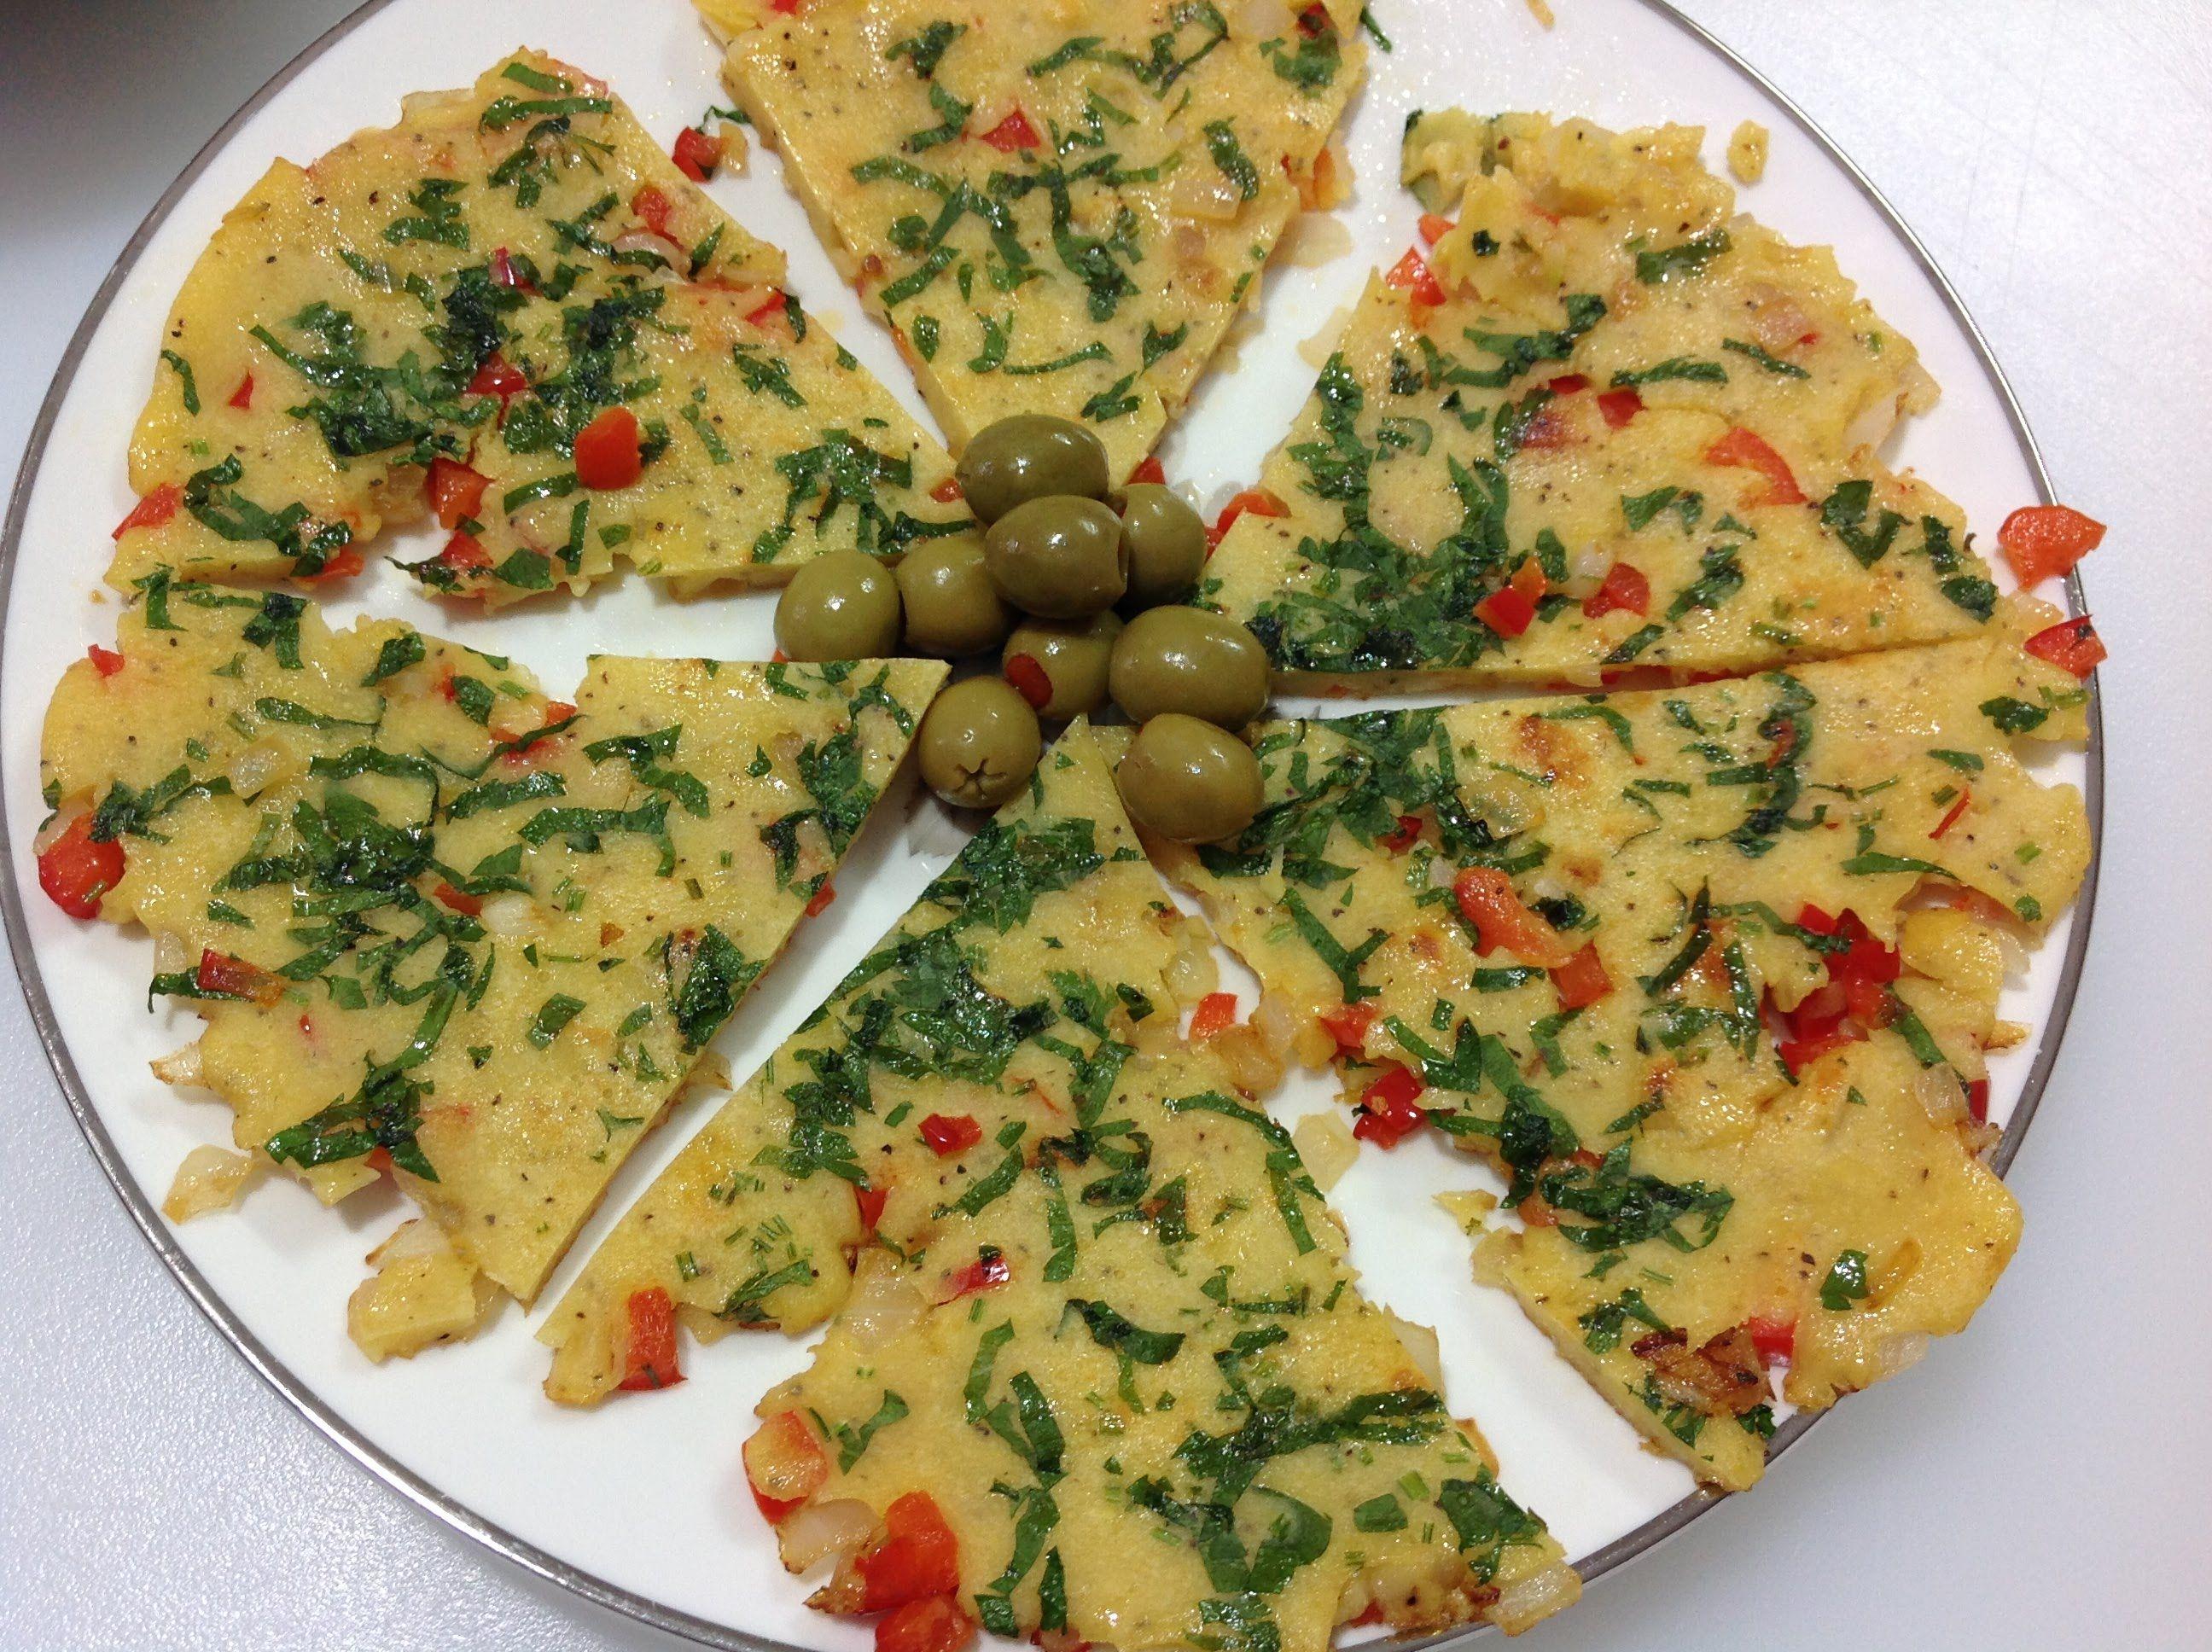 طريقة عمل عجة صيامى بدون بيض Vegetarian Recipes Recipes Vegan